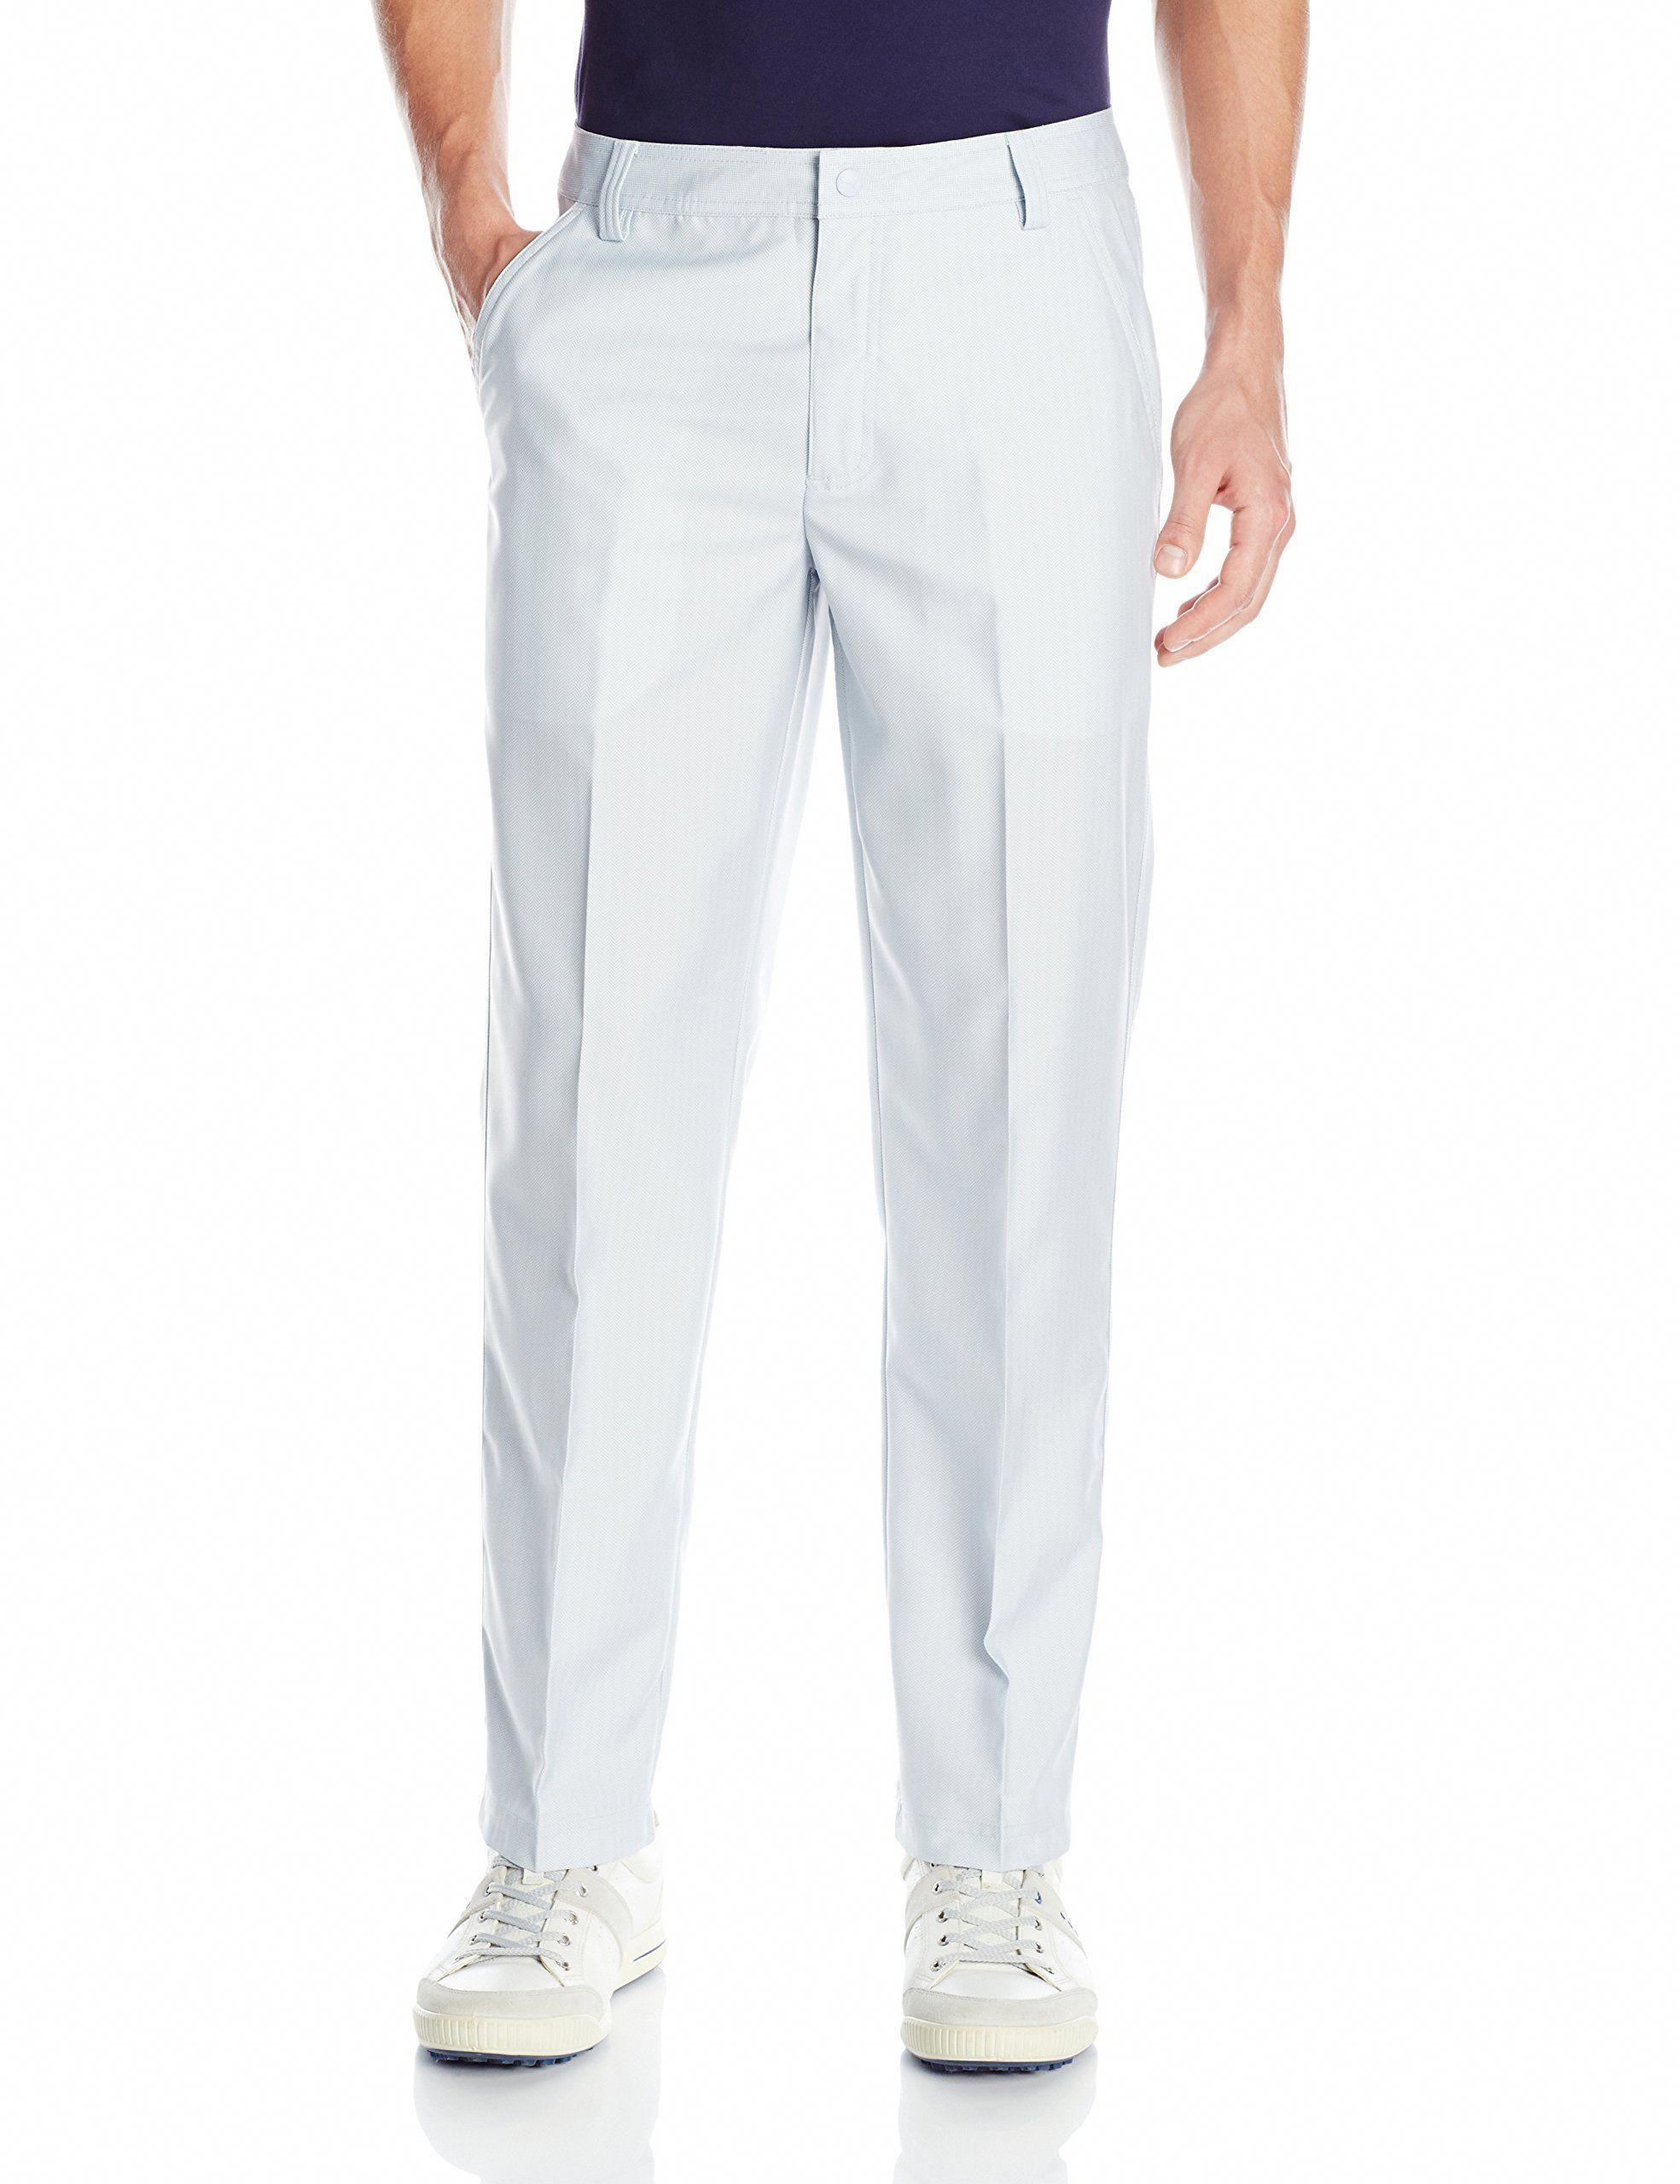 05921cc9075c Men Golf Clothing - PUMA Golf Mens Monolite Pants 32 30 Gray Dawn   mensgolfclothes